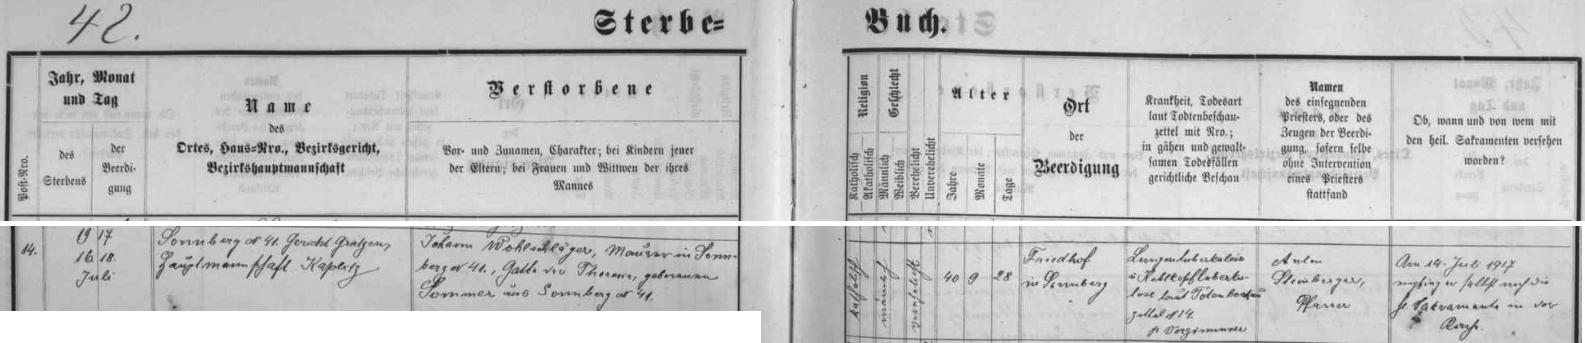 """Záznam žumberské úmrtní matriky o skonu jeho děda ve 40 letech na """"souchotě"""", jak se tenkrát i česky říkalo, výraz """"die Sucht"""" má přitom v němčině význam """"nemoc, nákaza"""" vůbec"""